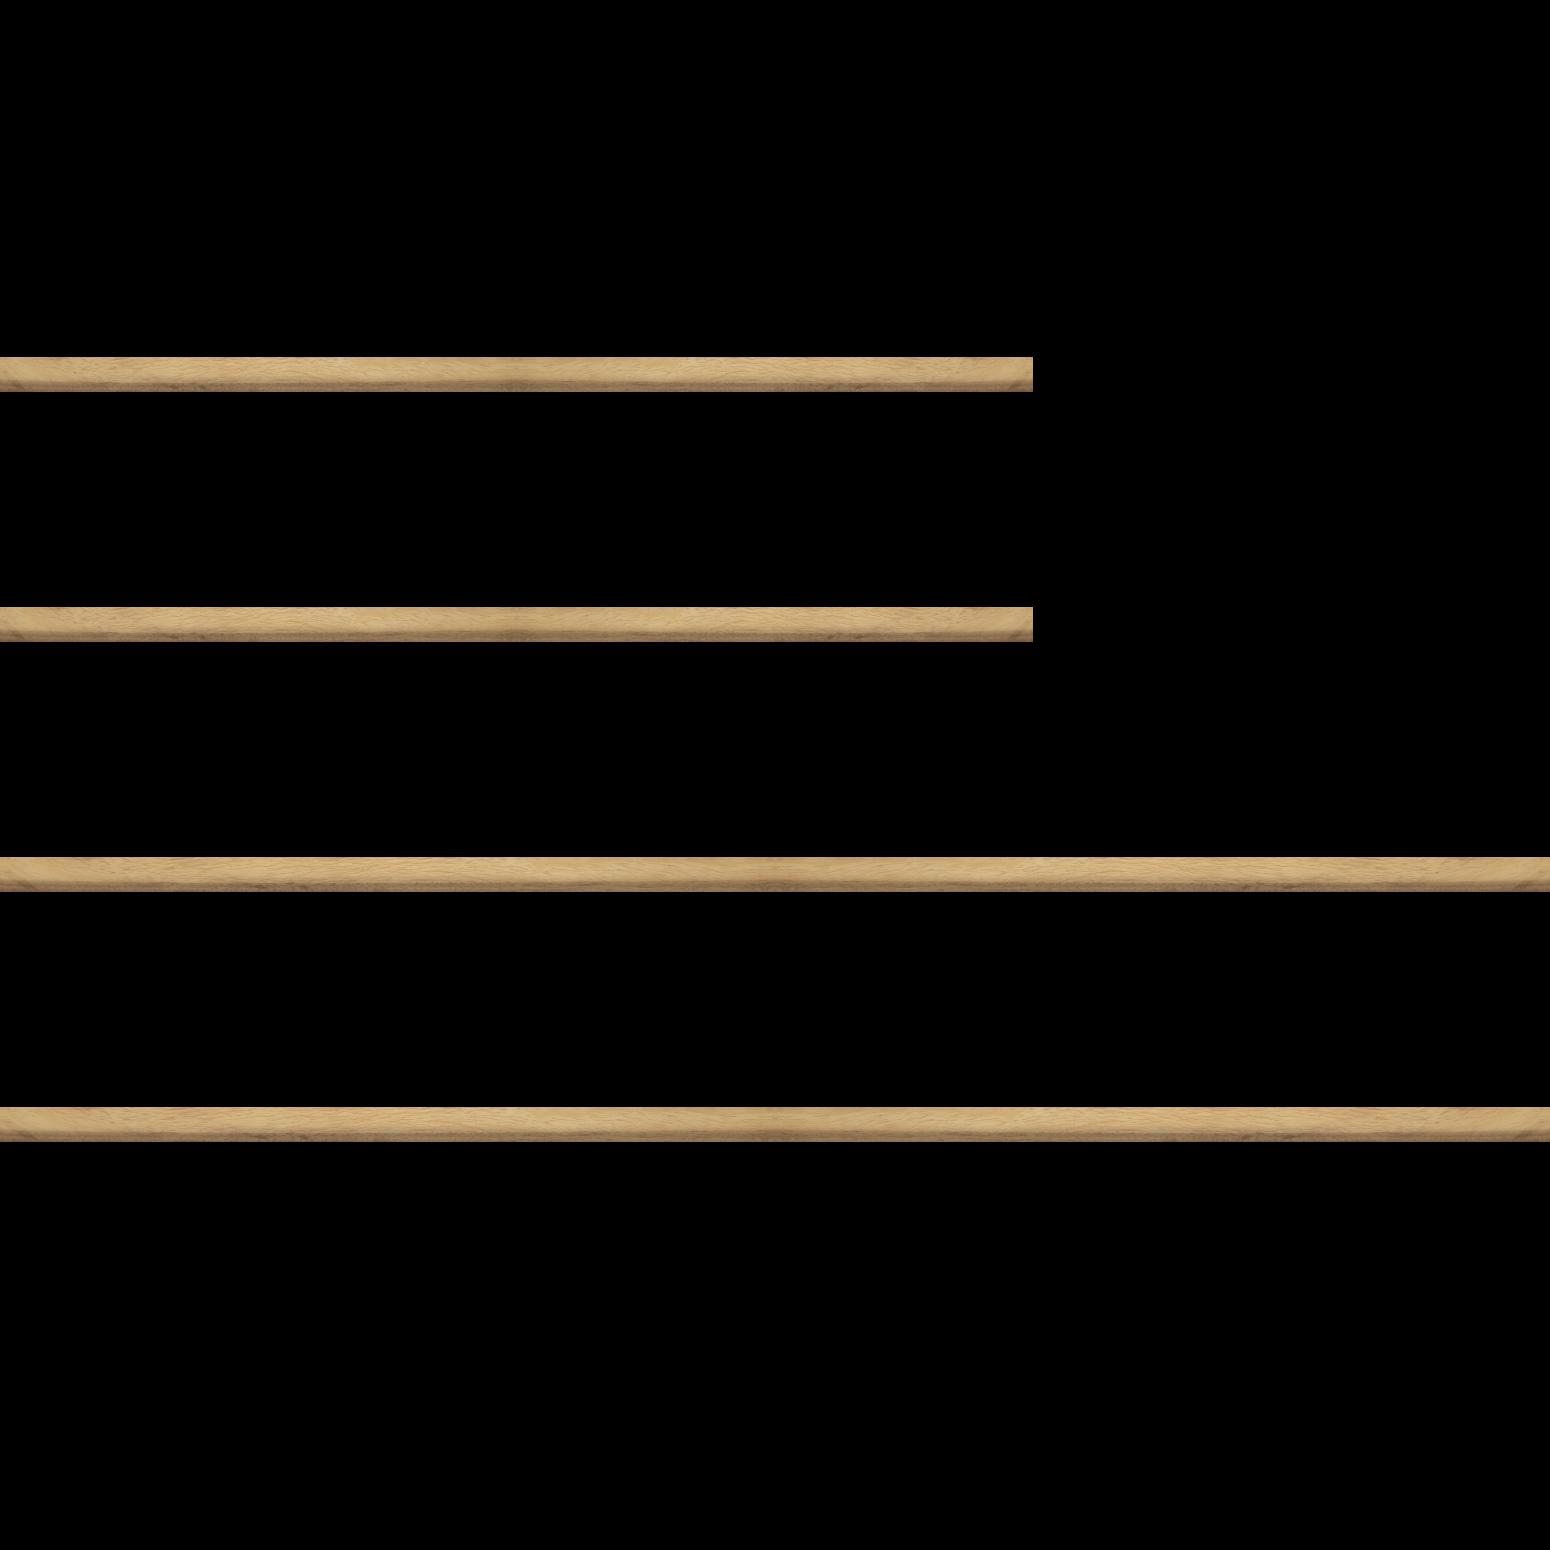 Baguette bois profil bombé largeur 2.4cm couleur naturel satiné